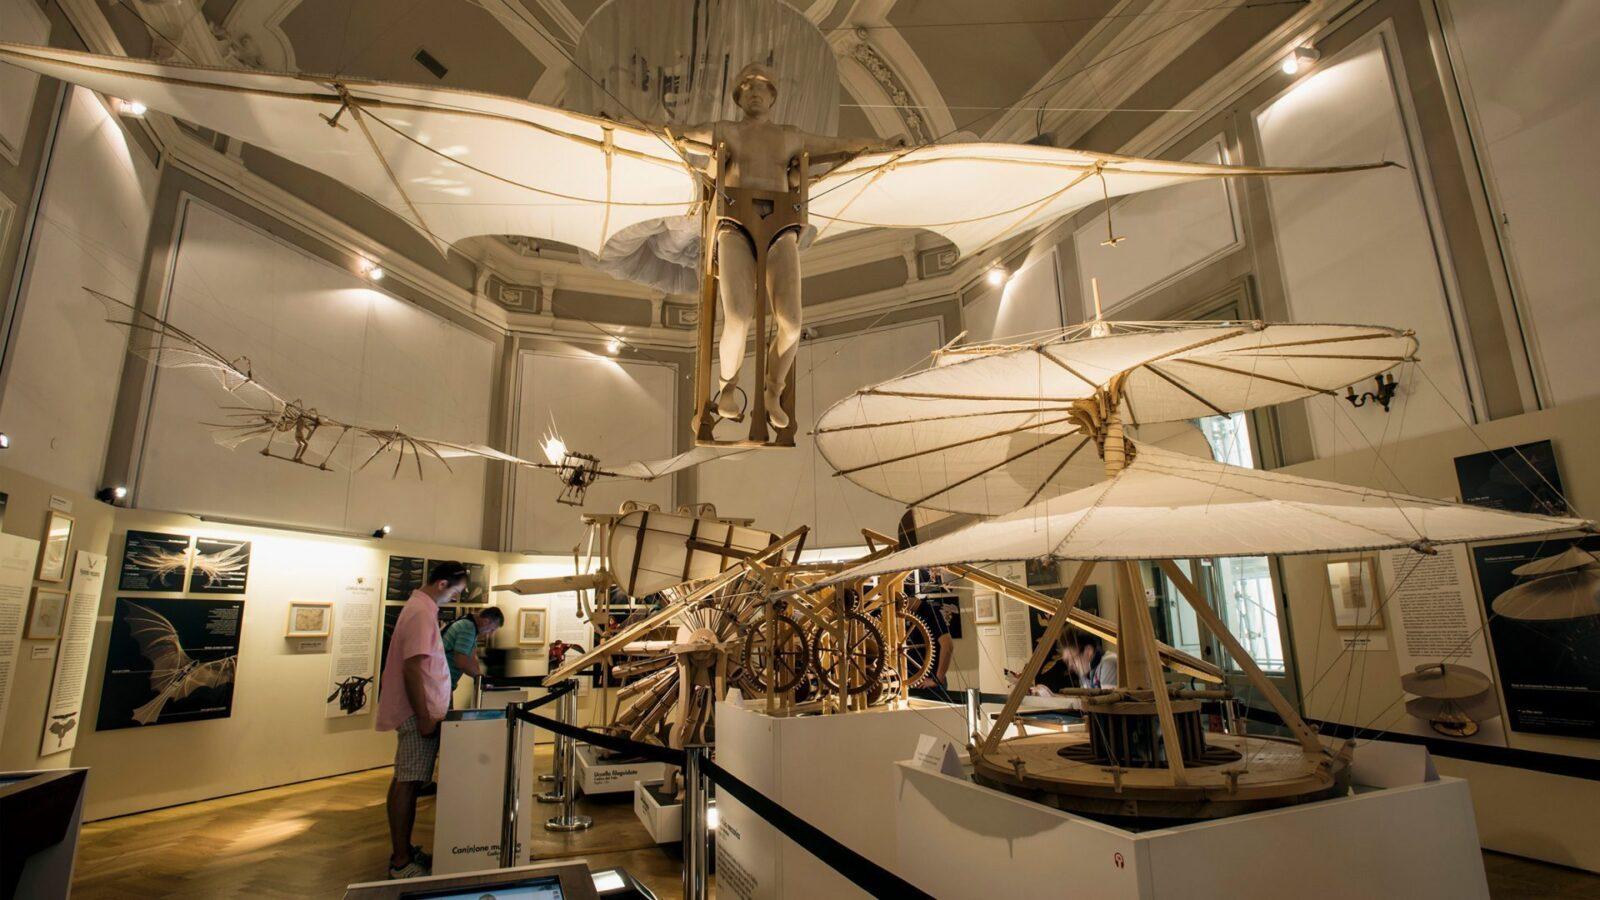 The World of Leonardo Exhibition, Leonardo3 Museum